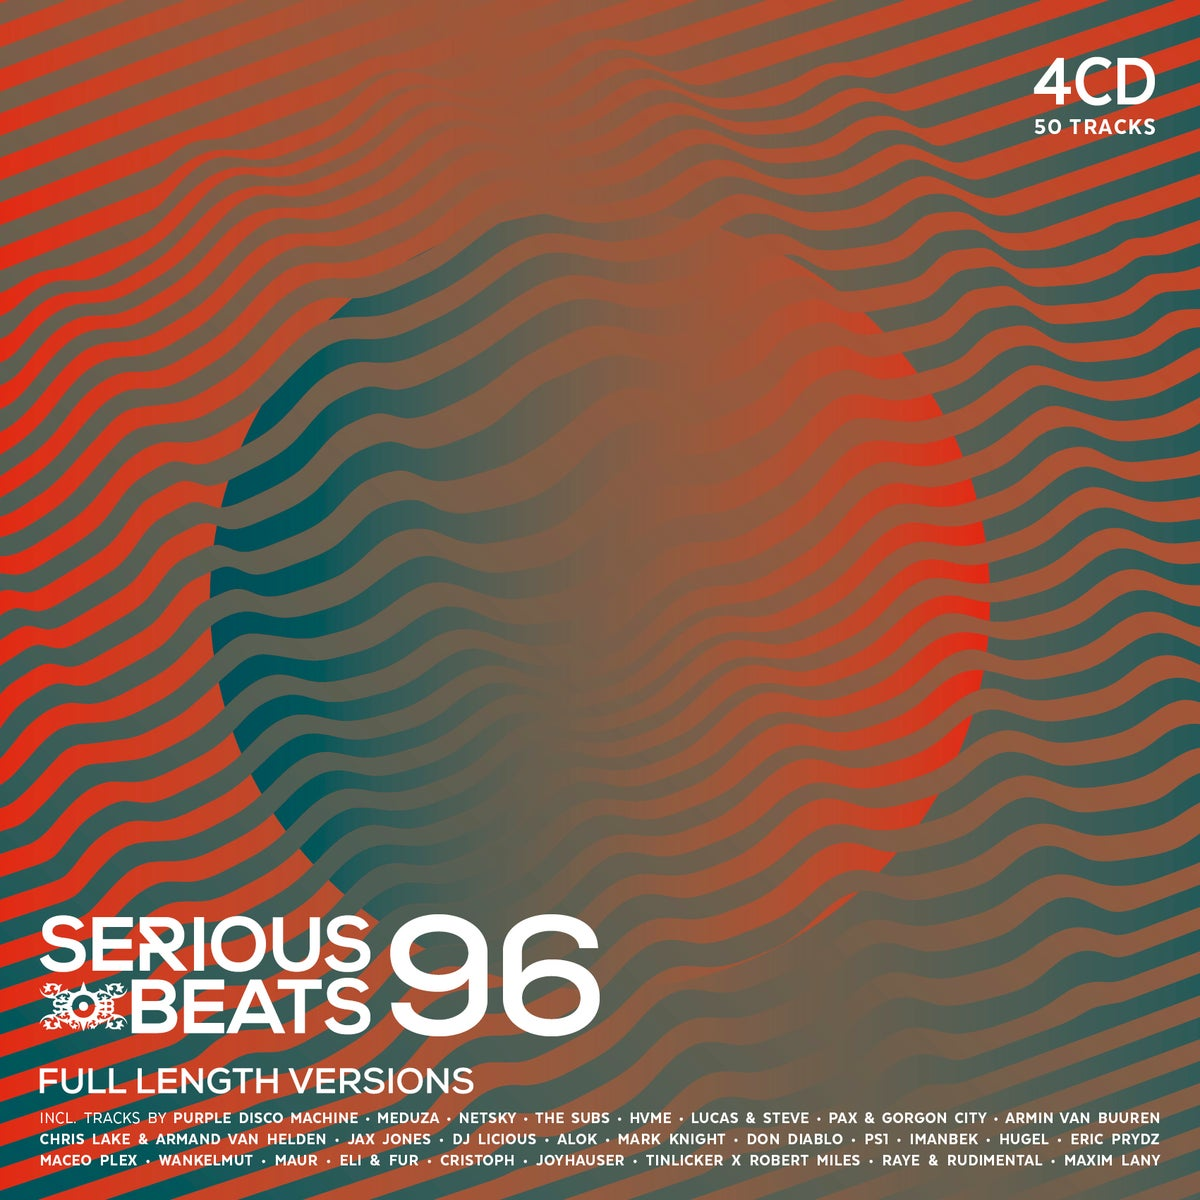 Image of SERIOUS BEATS 96 (4CD)